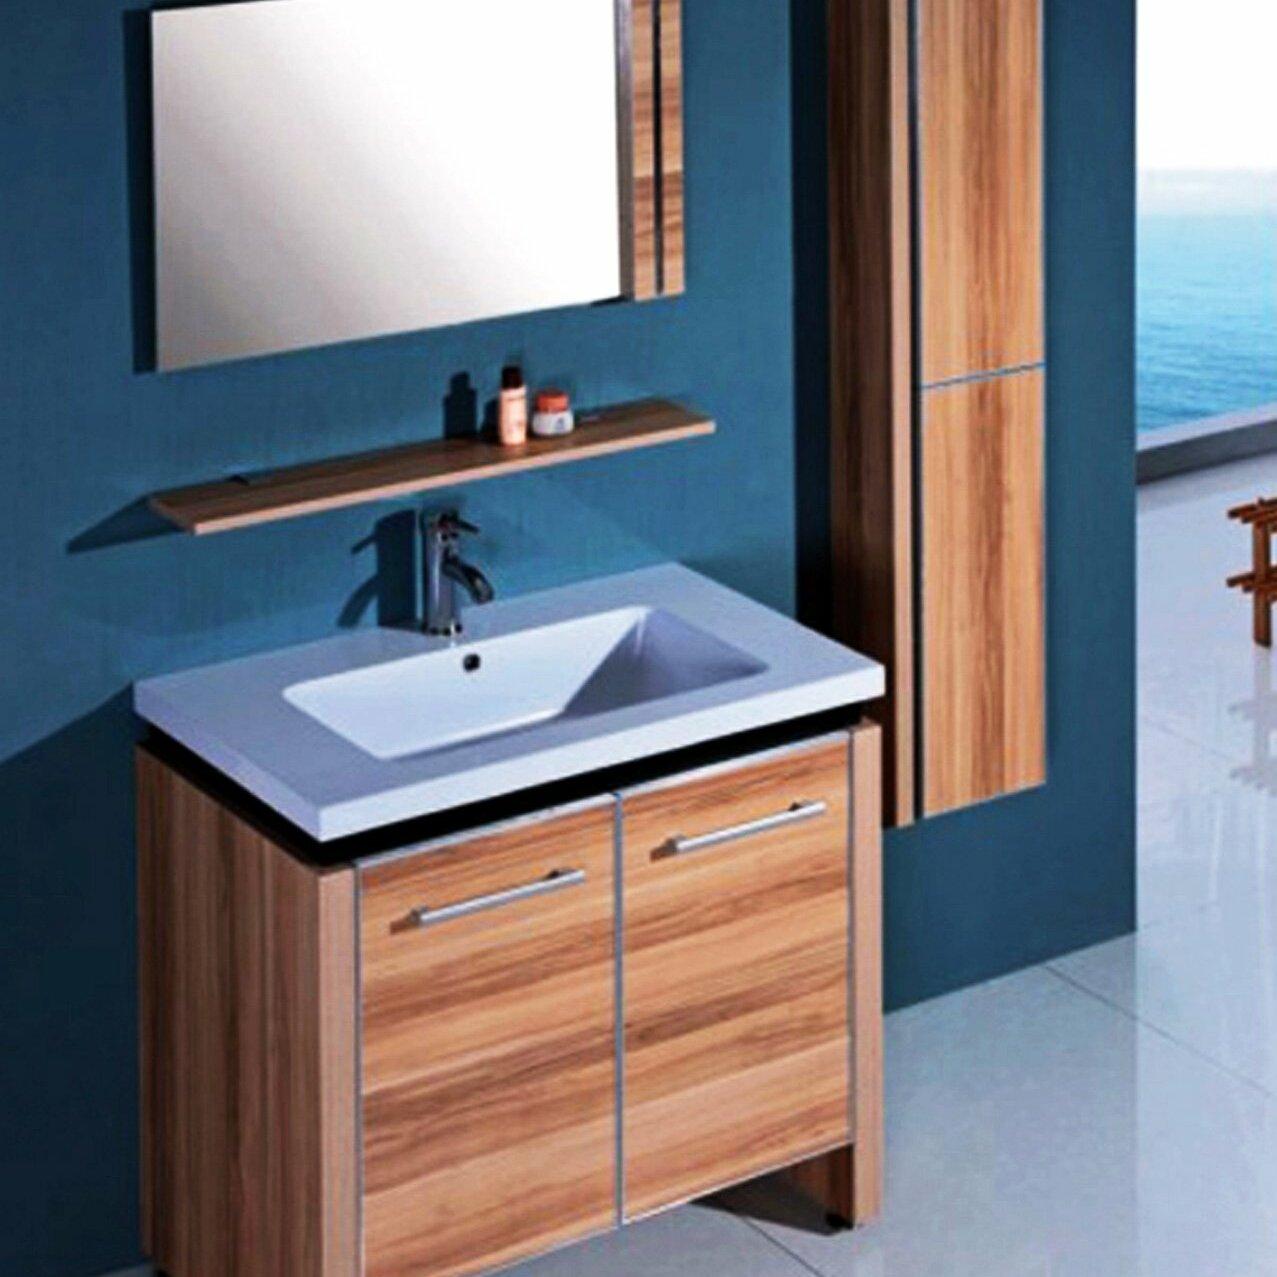 Legion Bathroom Vanity Legion Furniture 31 Single Bathroom Vanity Set With Mirror And